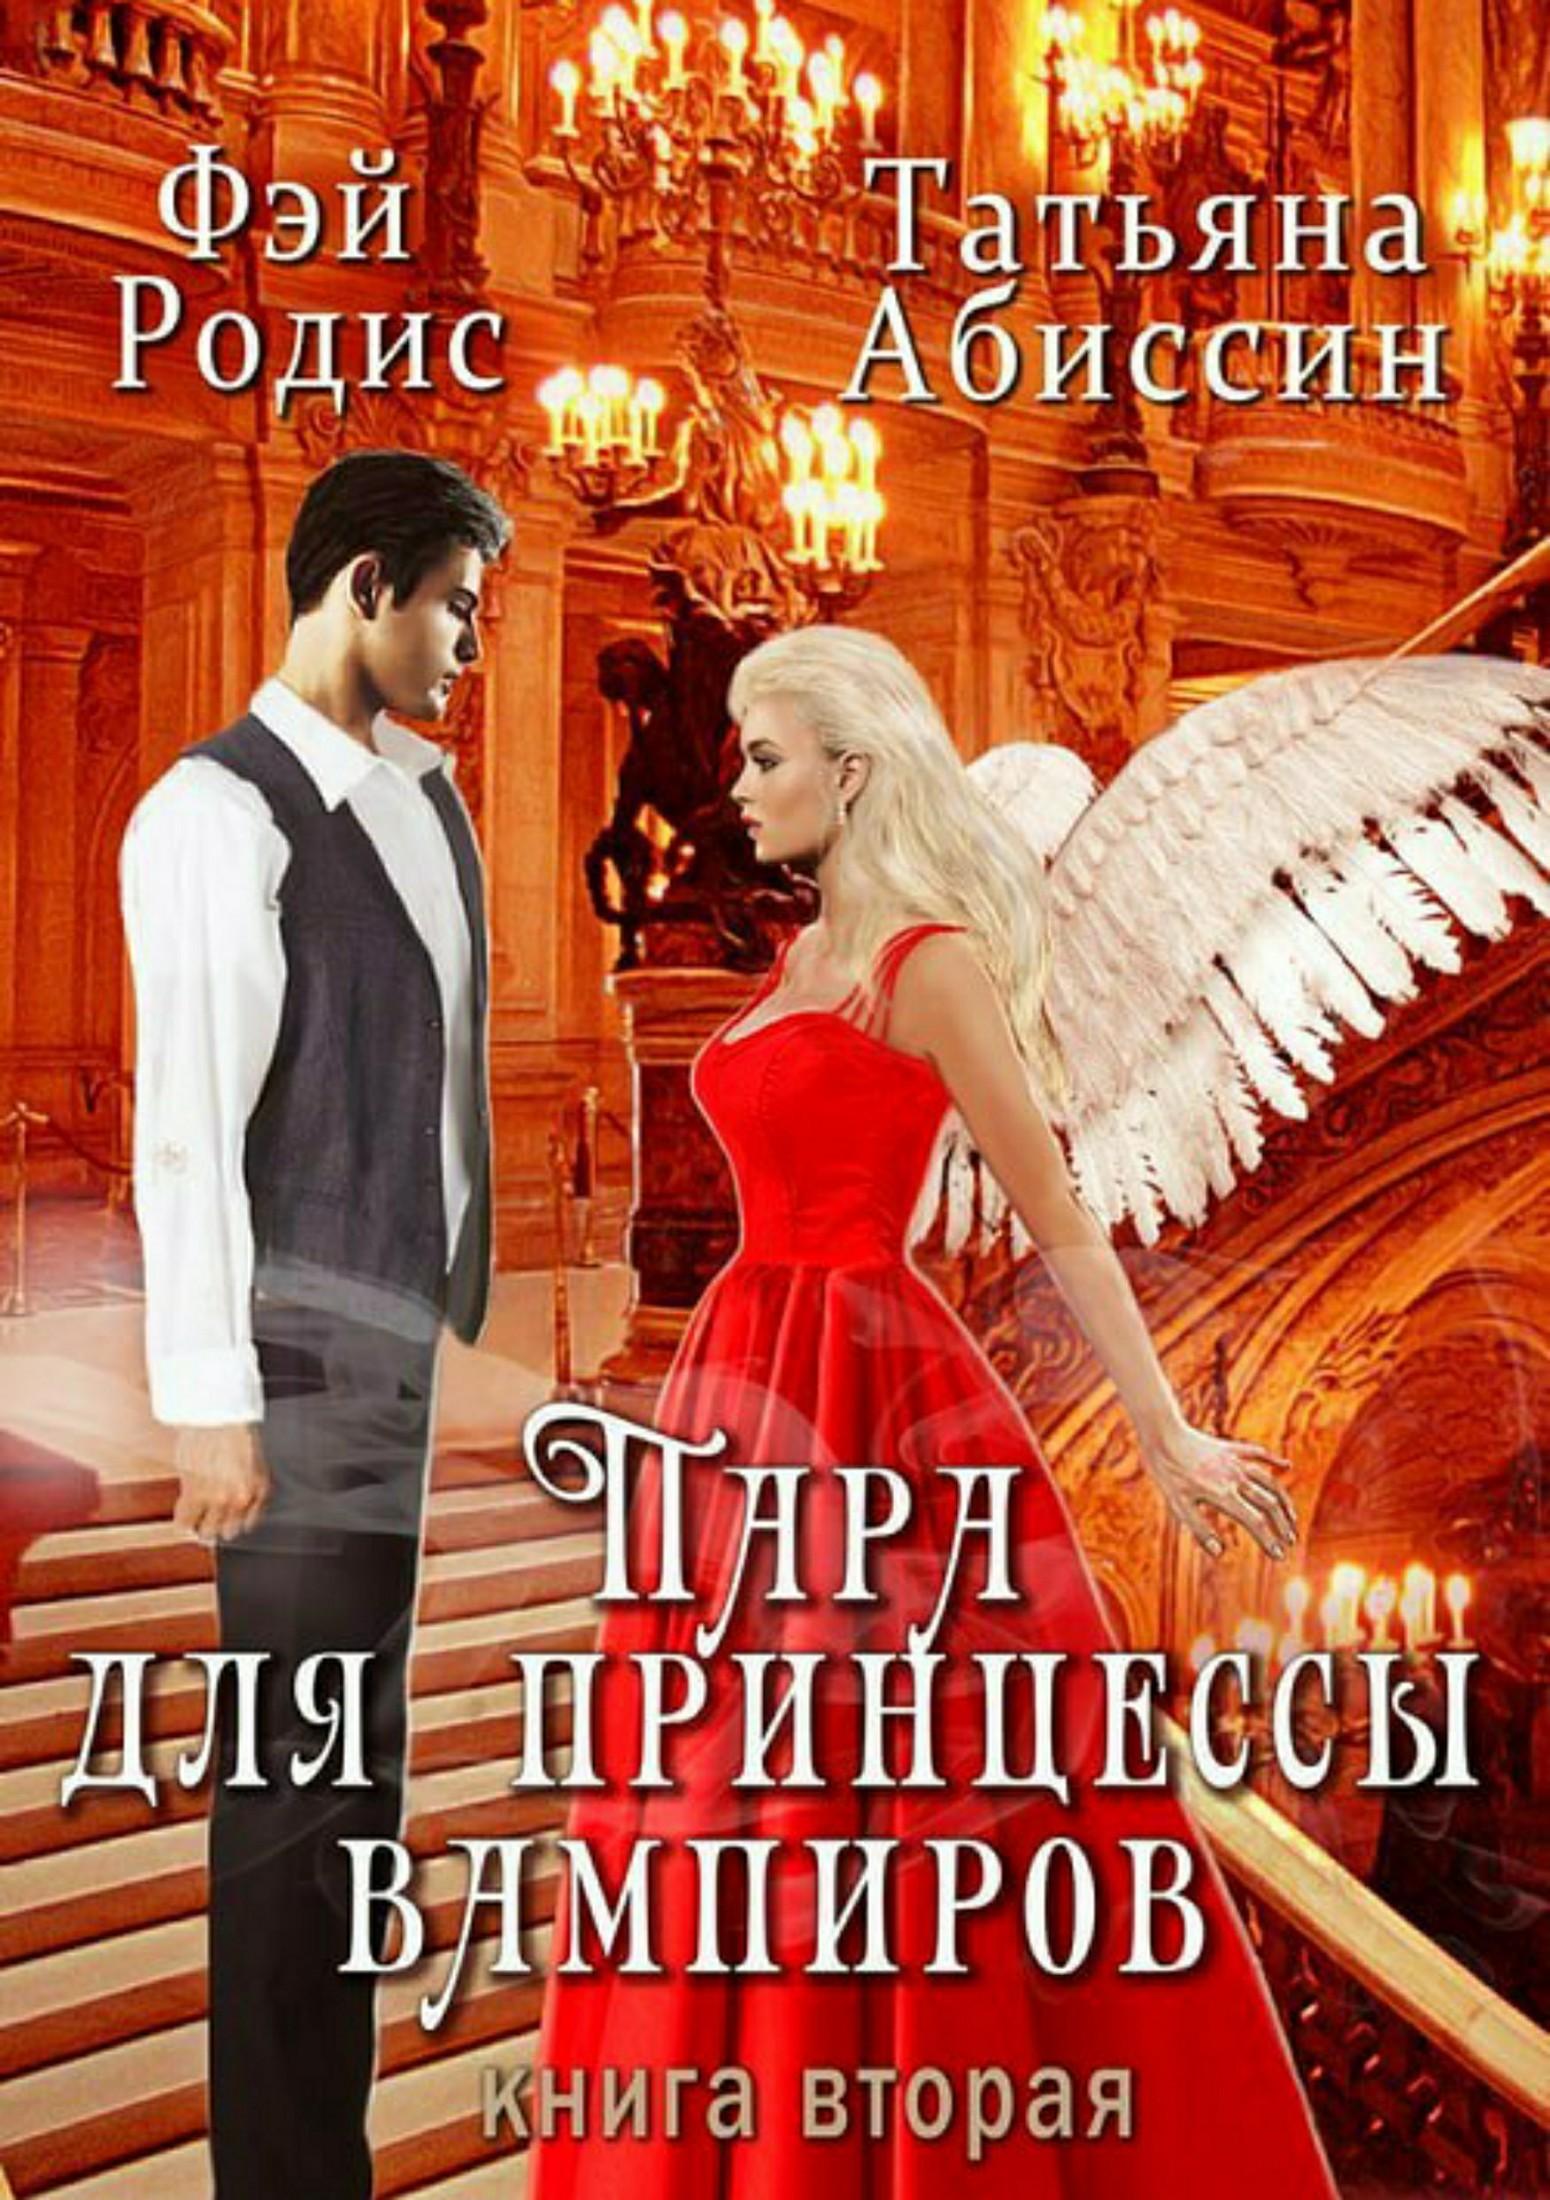 Татьяна Абиссин. Пара для принцессы вампиров. Книга вторая